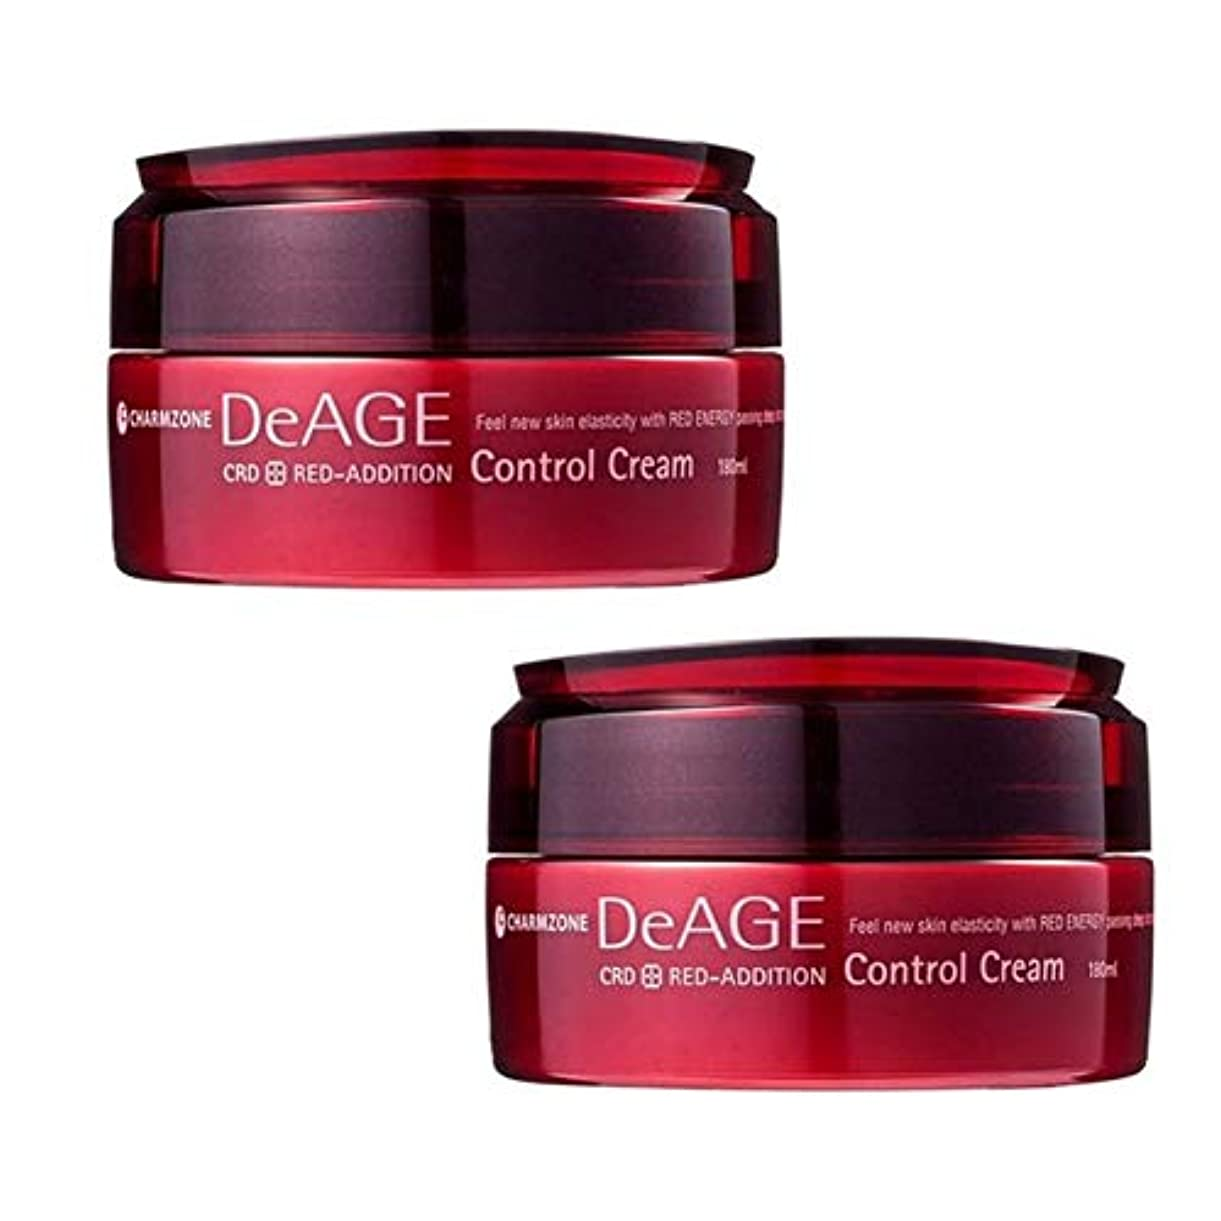 文芸相対サイズ主要なチャムジョンディエイジレッドエディションコントロールクリーム180ml x 2本セットマッサージクリーム、Charmzone DeAGE Red-Addition Control Cream 180ml x 2ea Set...